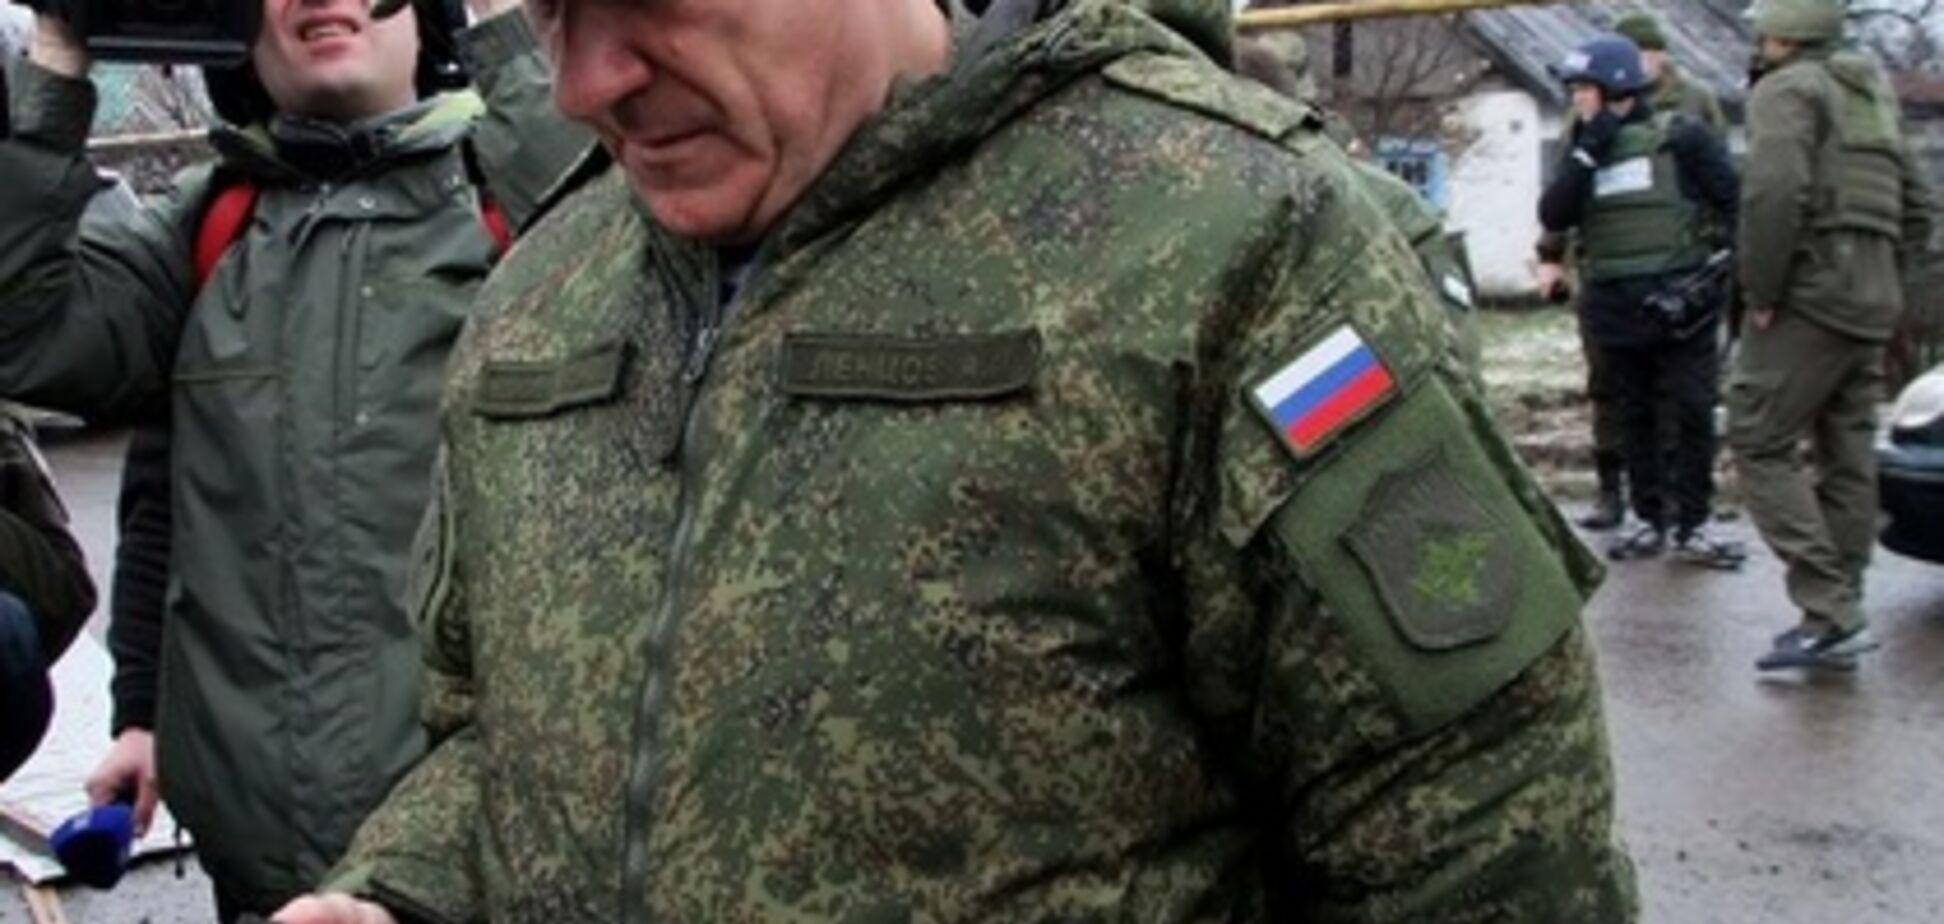 Чи буде 'кривава баня'? Стало відомо, чого чекати від ротації 'ихтамнетов' на Донбасі